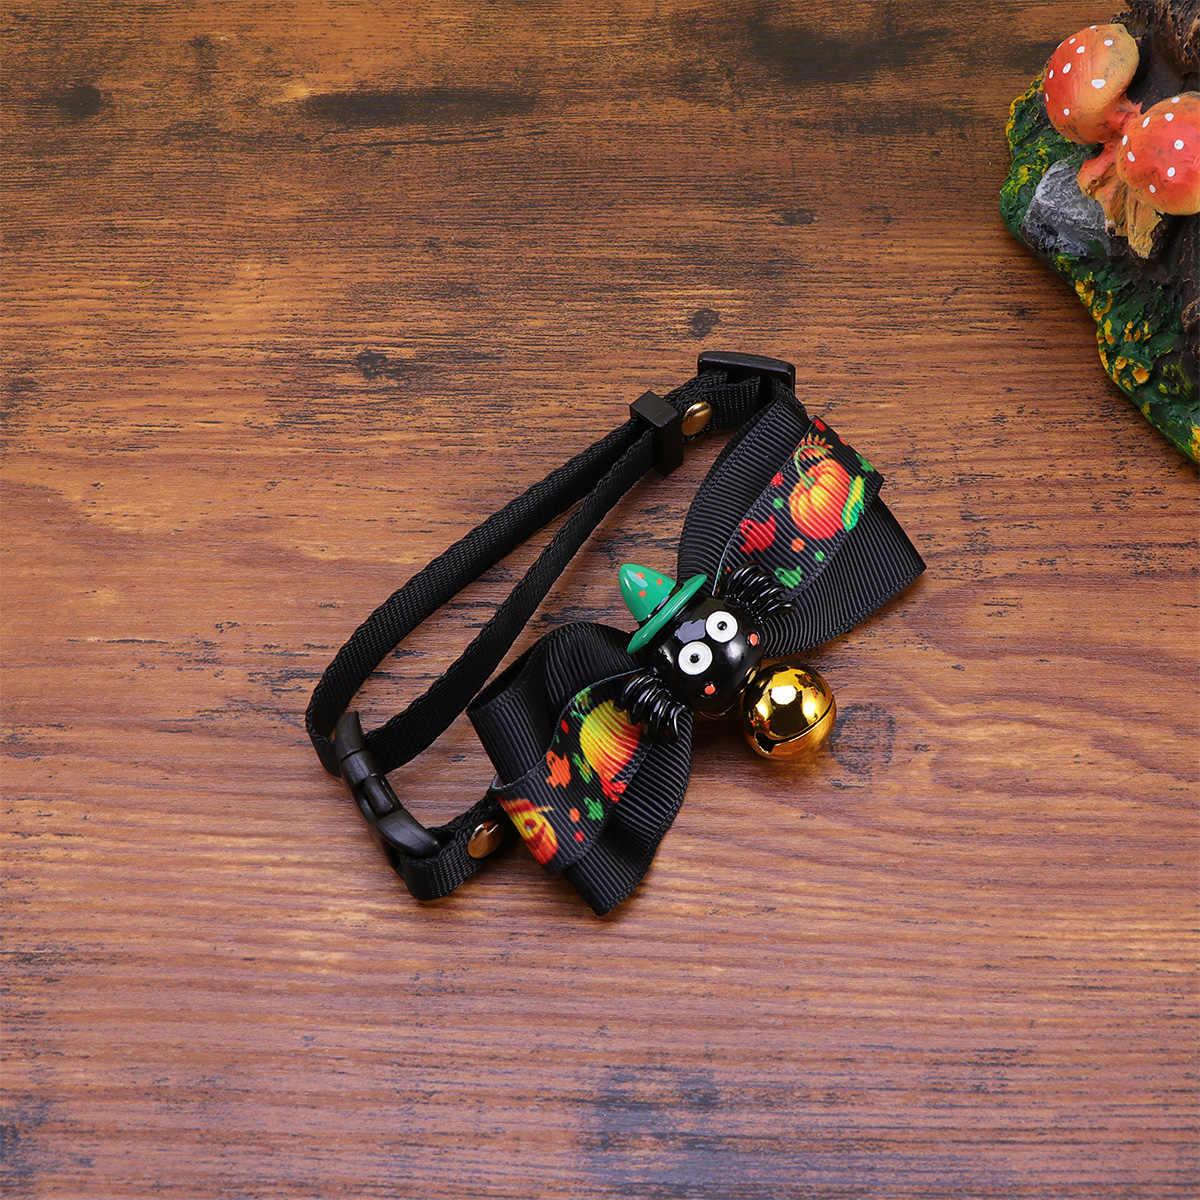 S גודל חמוד Cartool דפוס ליל כל הקדושים לחיות מחמד פעמון עניבת עניבת פרפר צווארון קישוט שימוש כלי